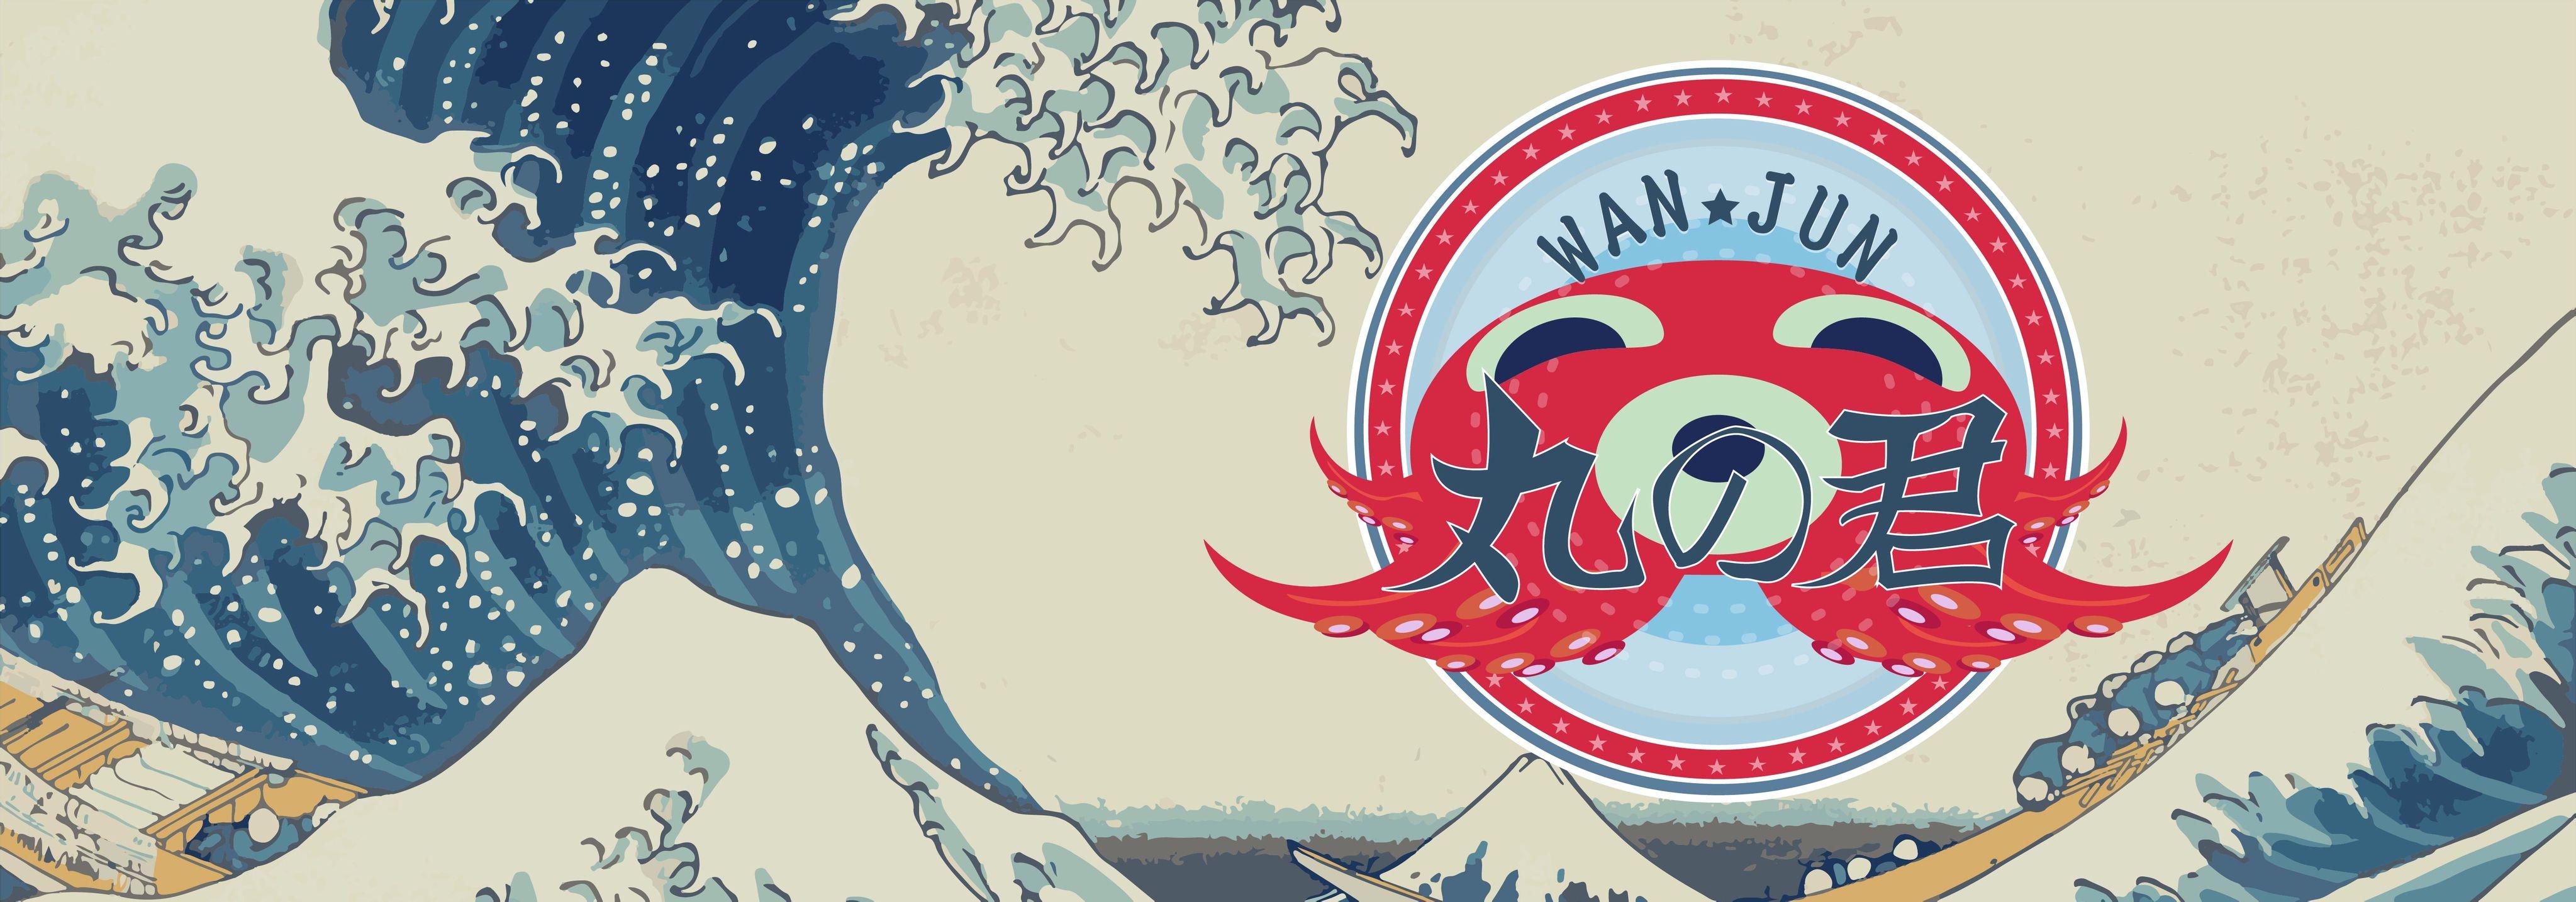 有创意的章鱼小丸子广告词!图片